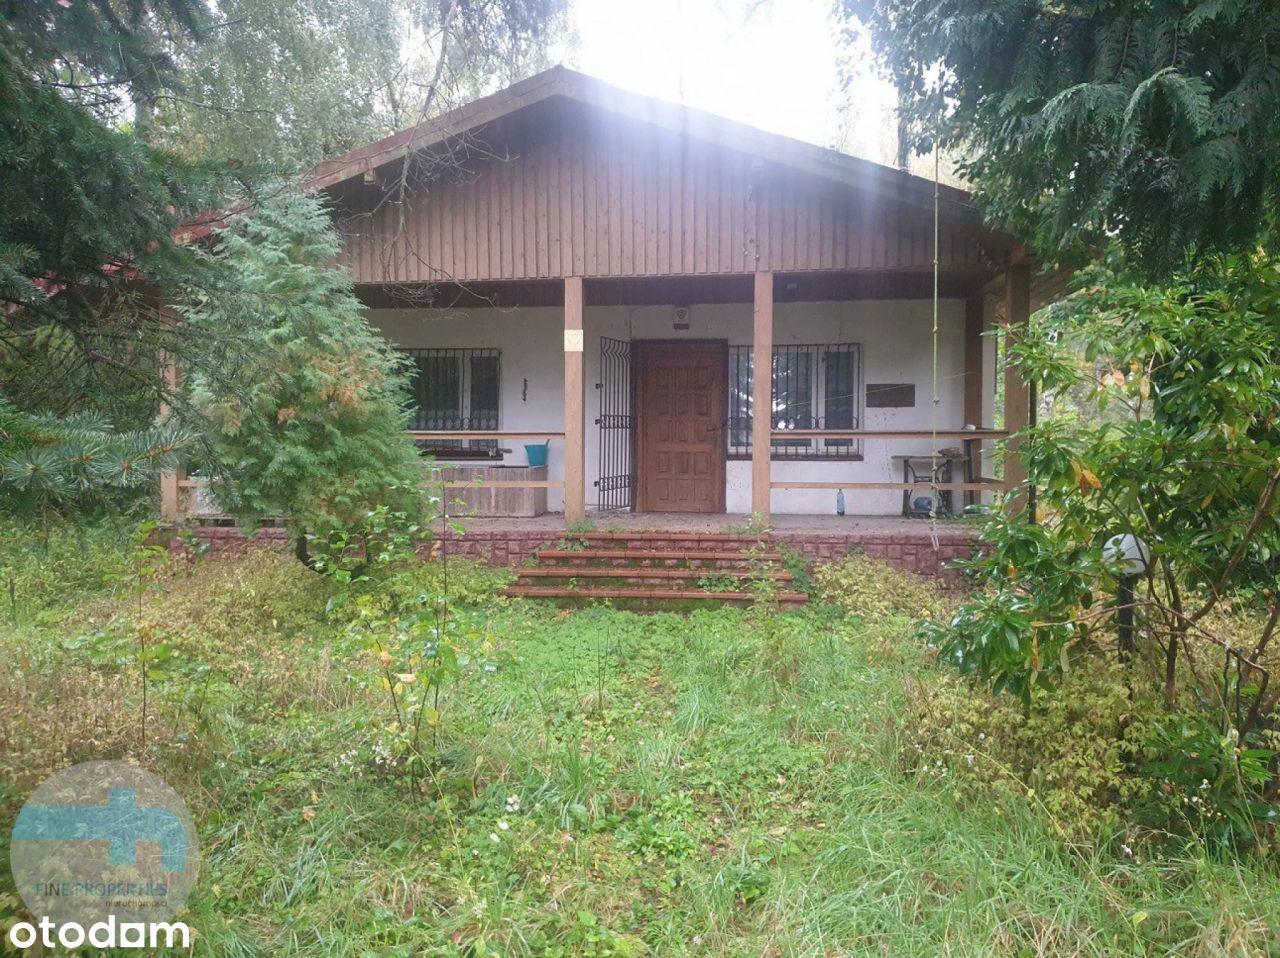 Dom w miejscowości Zalesie, dostępny od zaraz